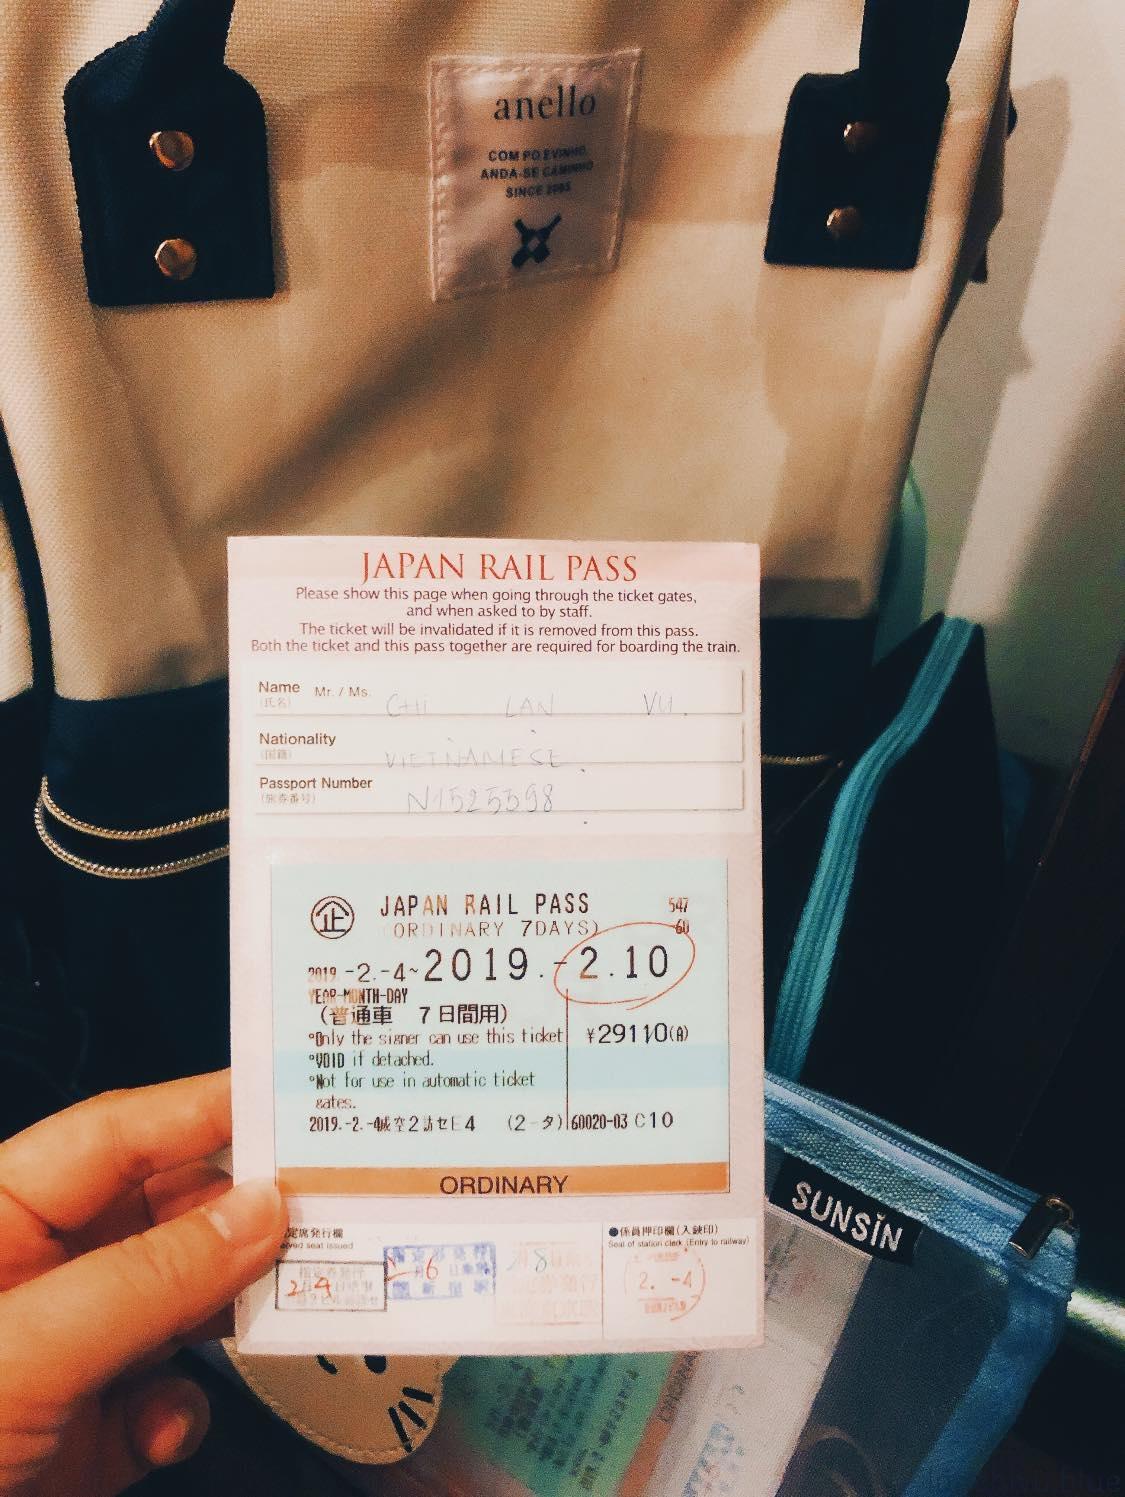 Du lịch Nhật Bản – Nên hay không nên mua JR Pass?